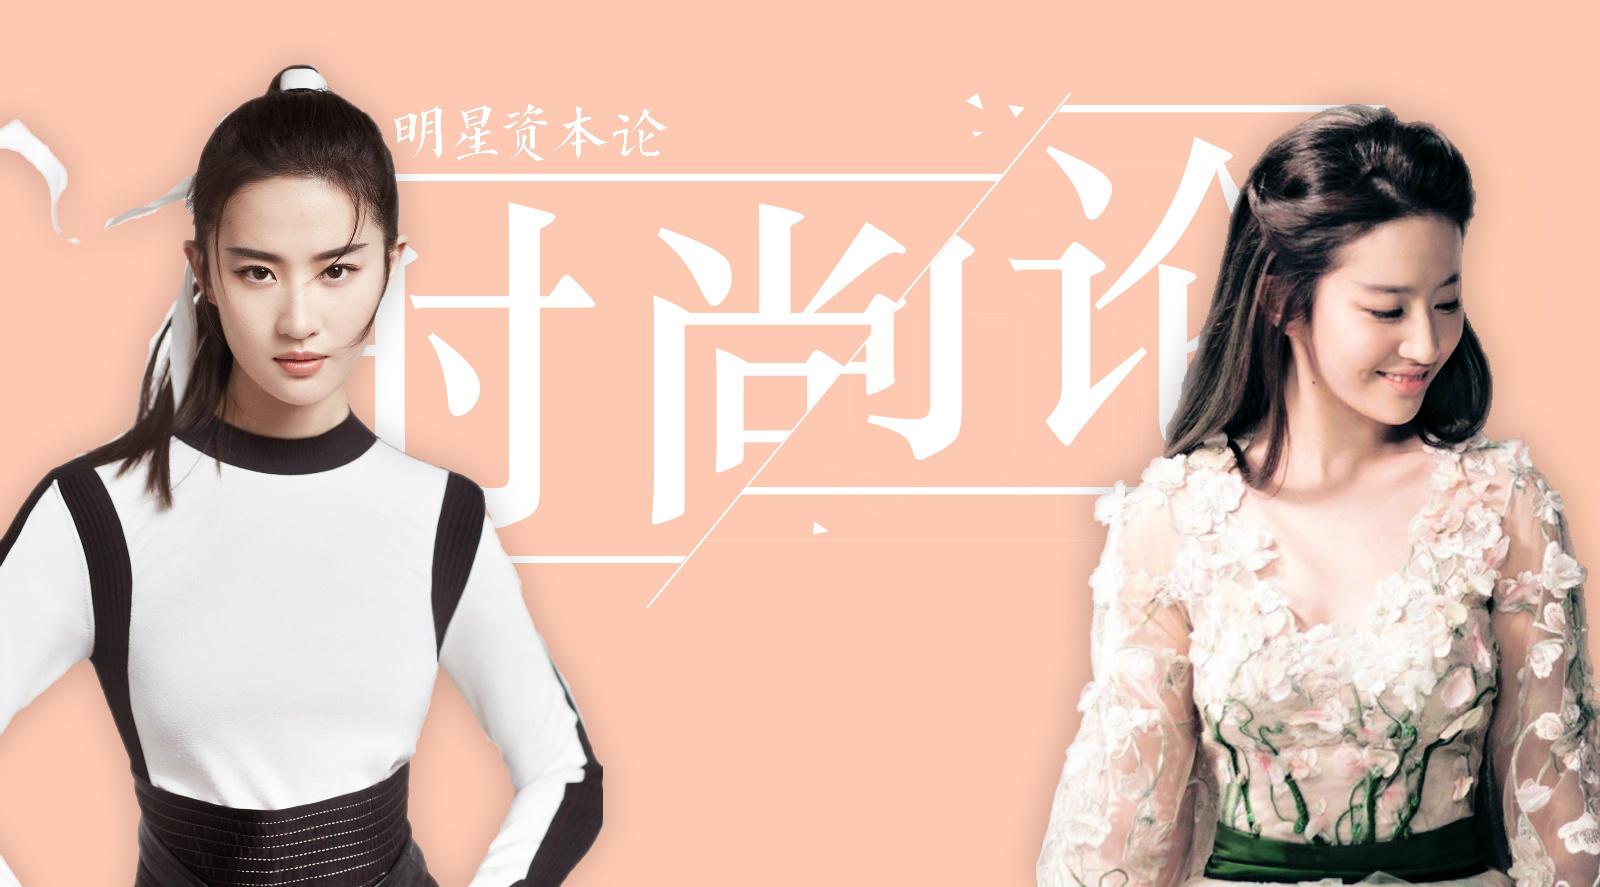 时尚论|刘亦菲,你的仙气余额已不足,请尽快充值!